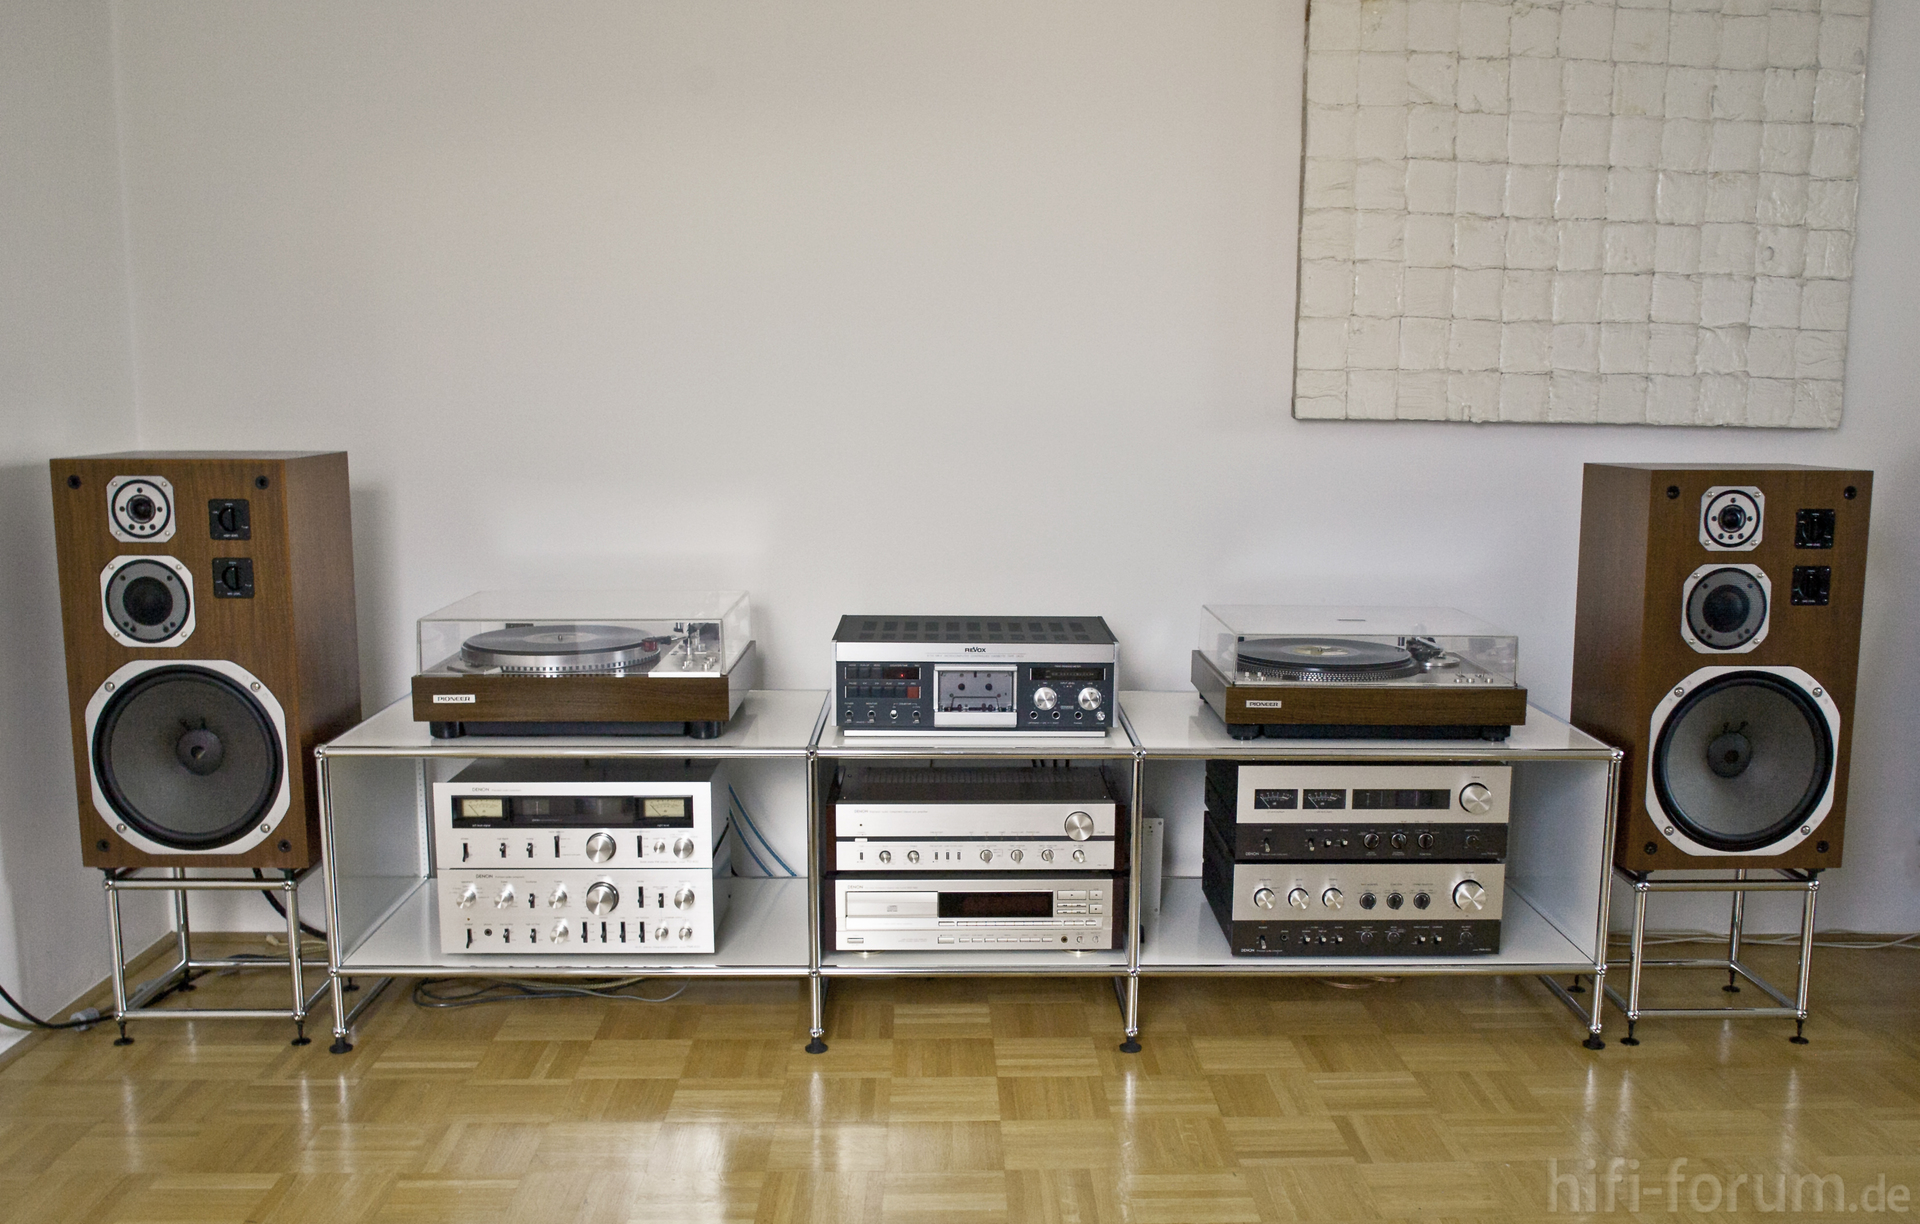 Belos sistemas vintage - Página 2 Vintage-hifi-2_192721